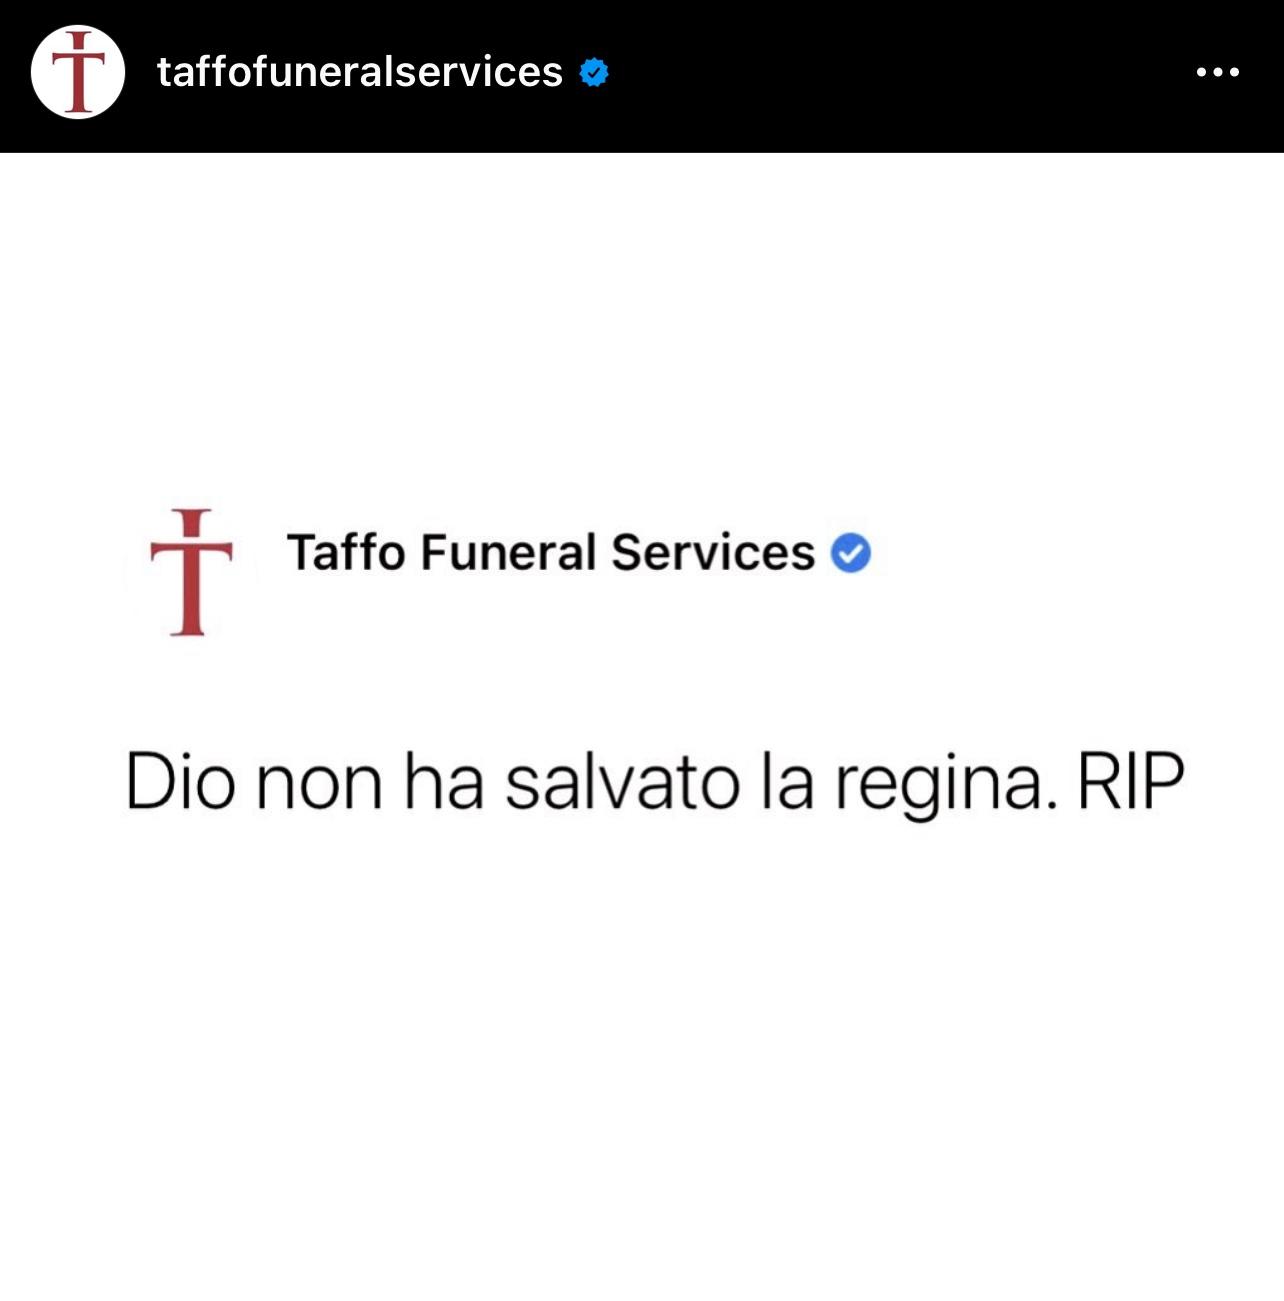 Italia Taffo